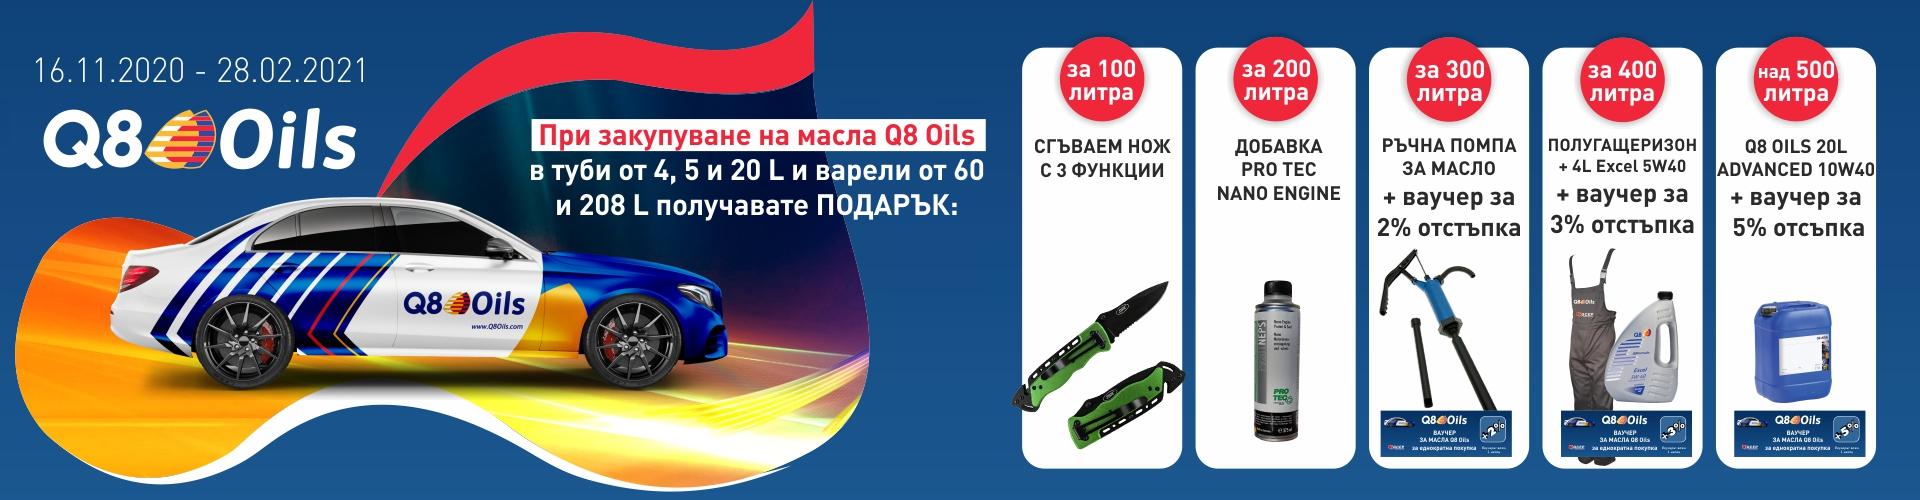 promo_q8_oils_16.11.2020-28.02.2021_banner.jpg